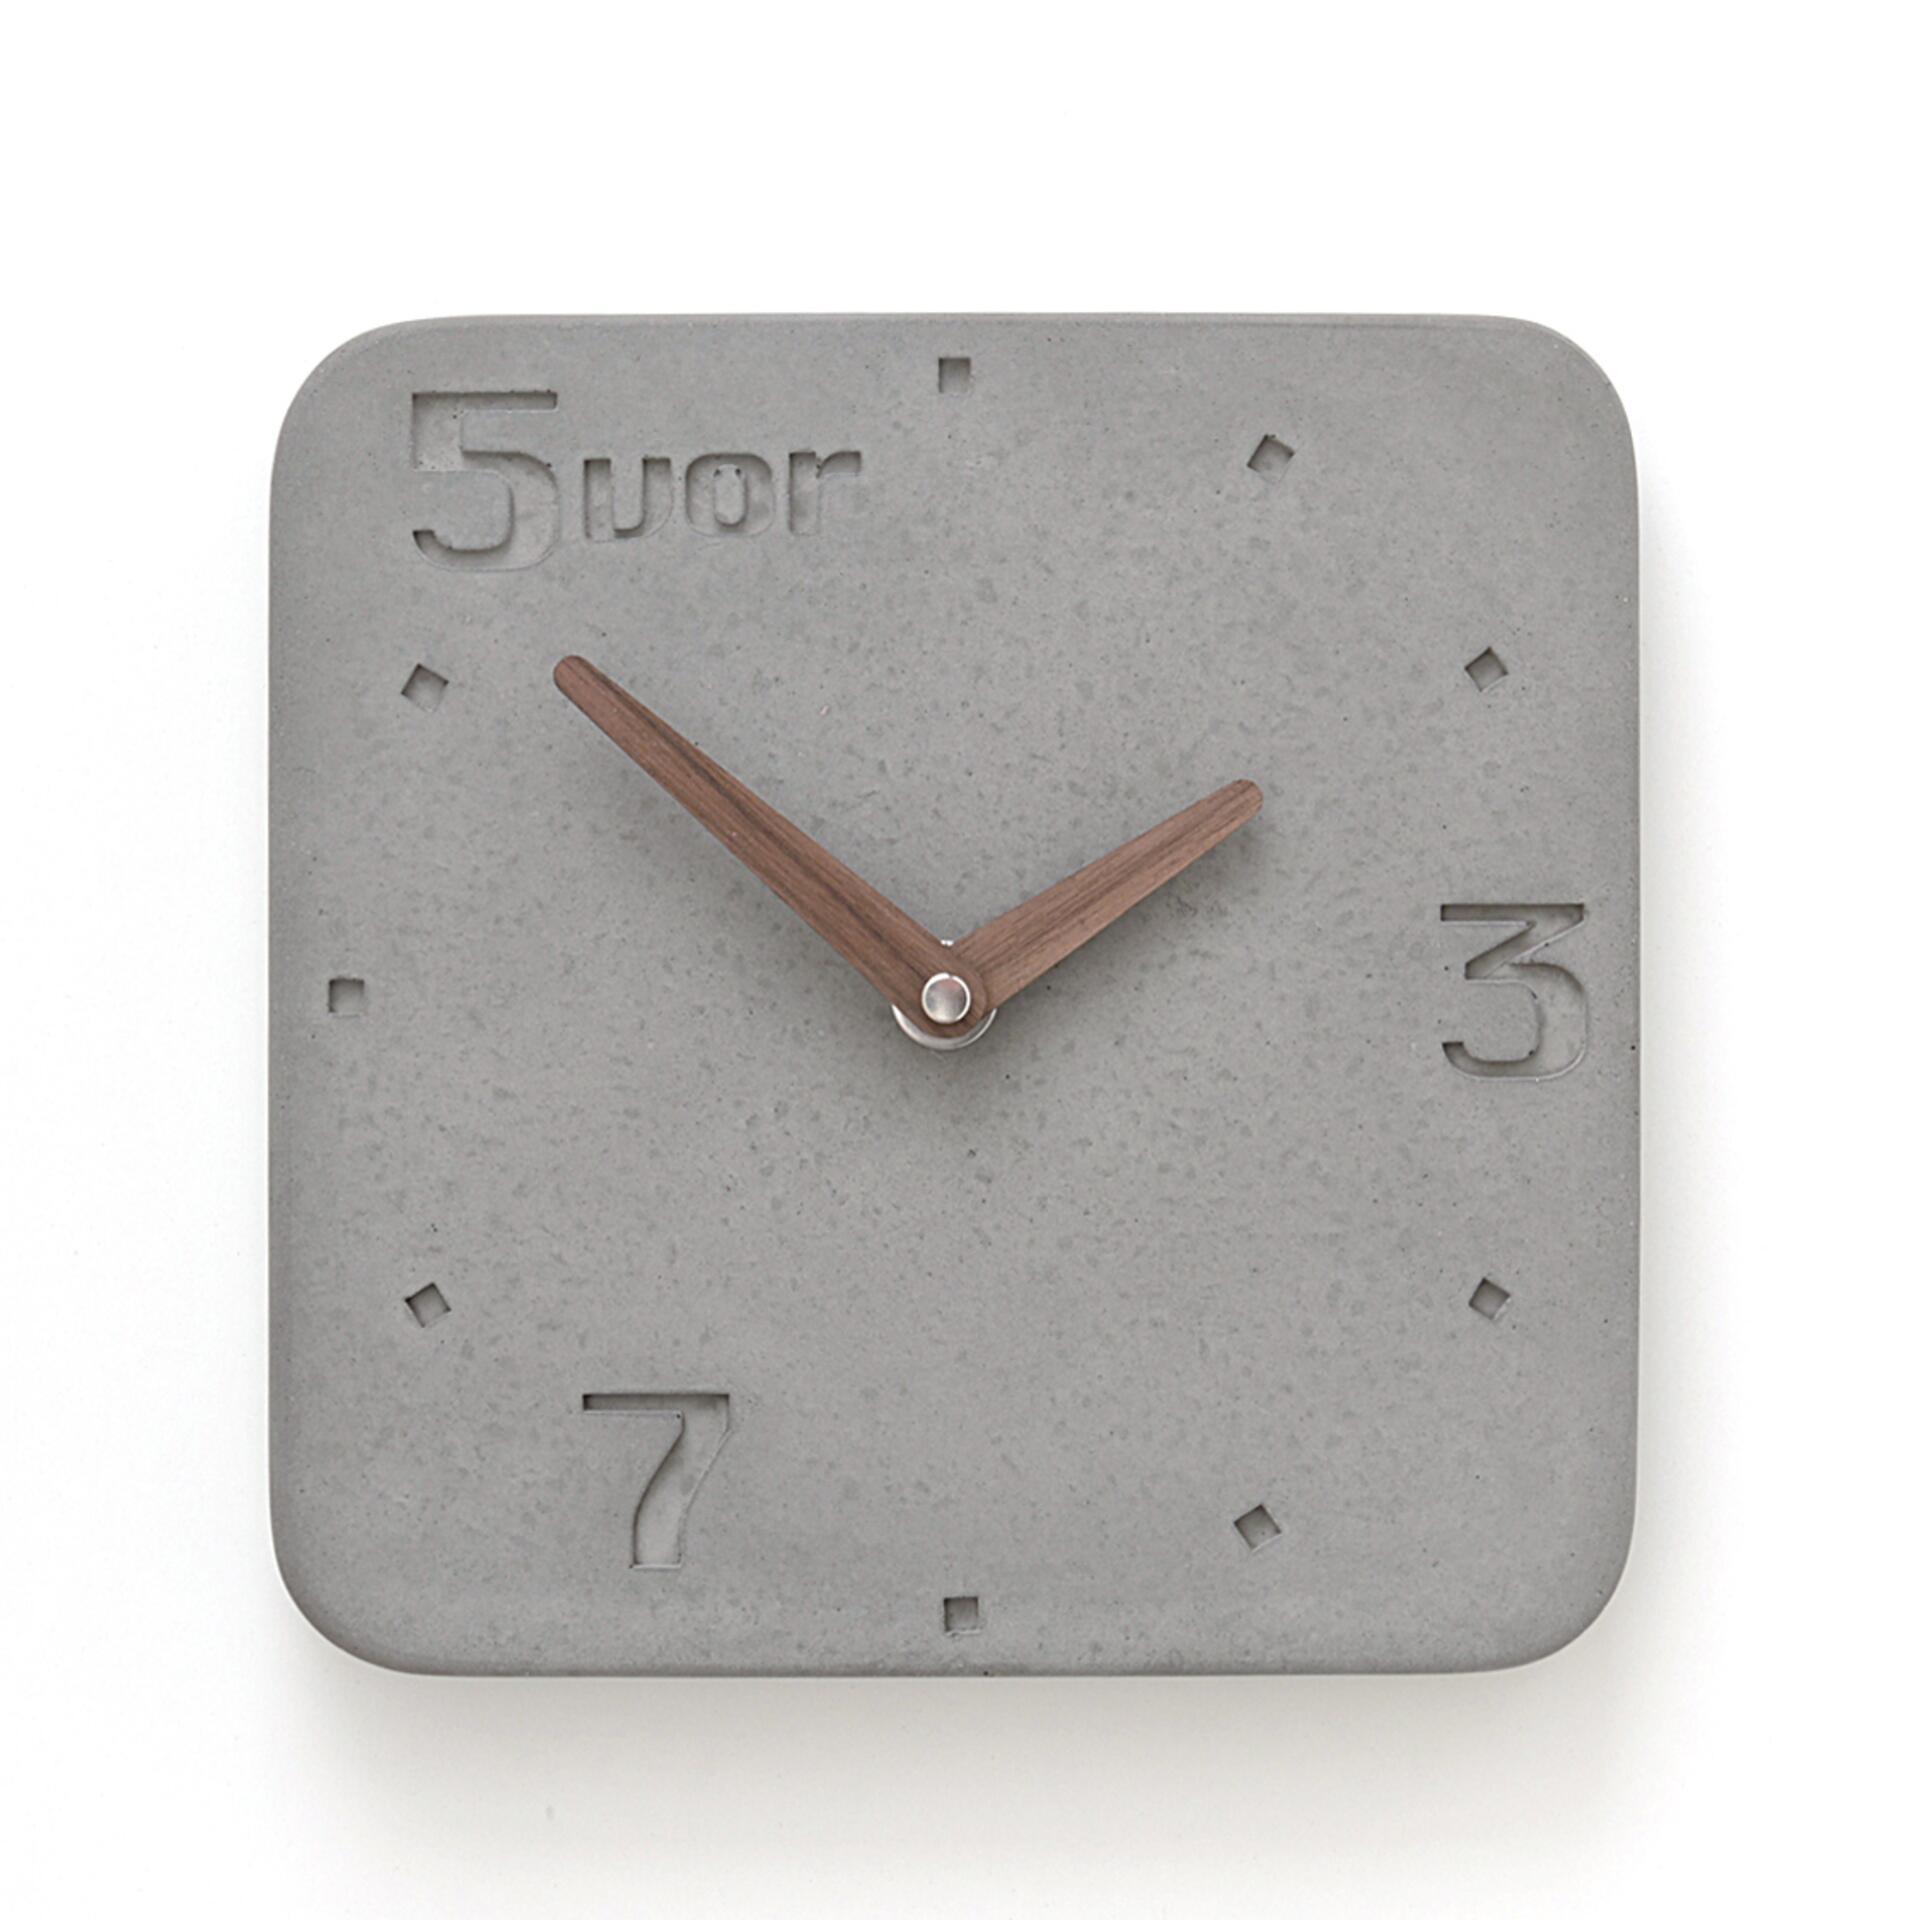 Wertwerke Designuhr aus Beton 5VOR Grau 30 x 30 cm Nussbaum Vollflächig